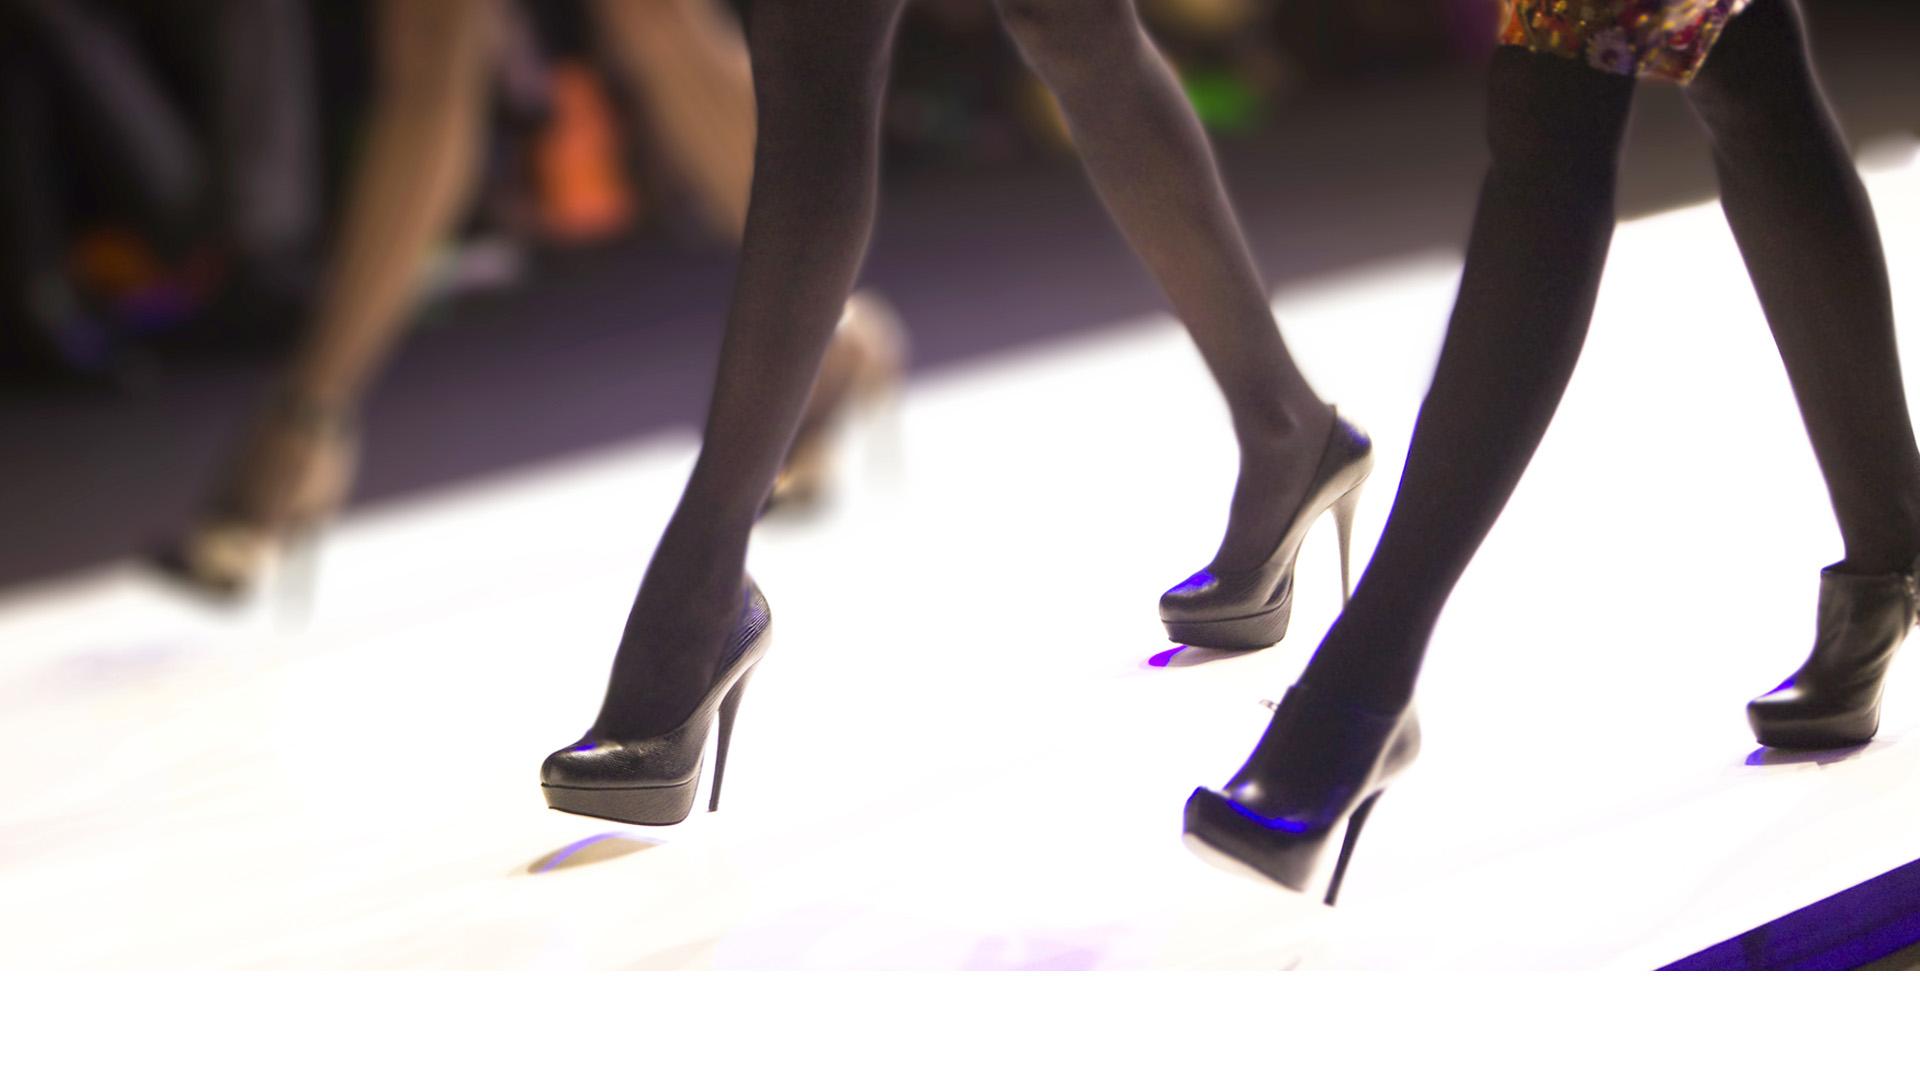 """Las casas de modas y marcas ya tienen los ojos sobre la denominada """"generación Z"""", es decir, la próxima generación"""